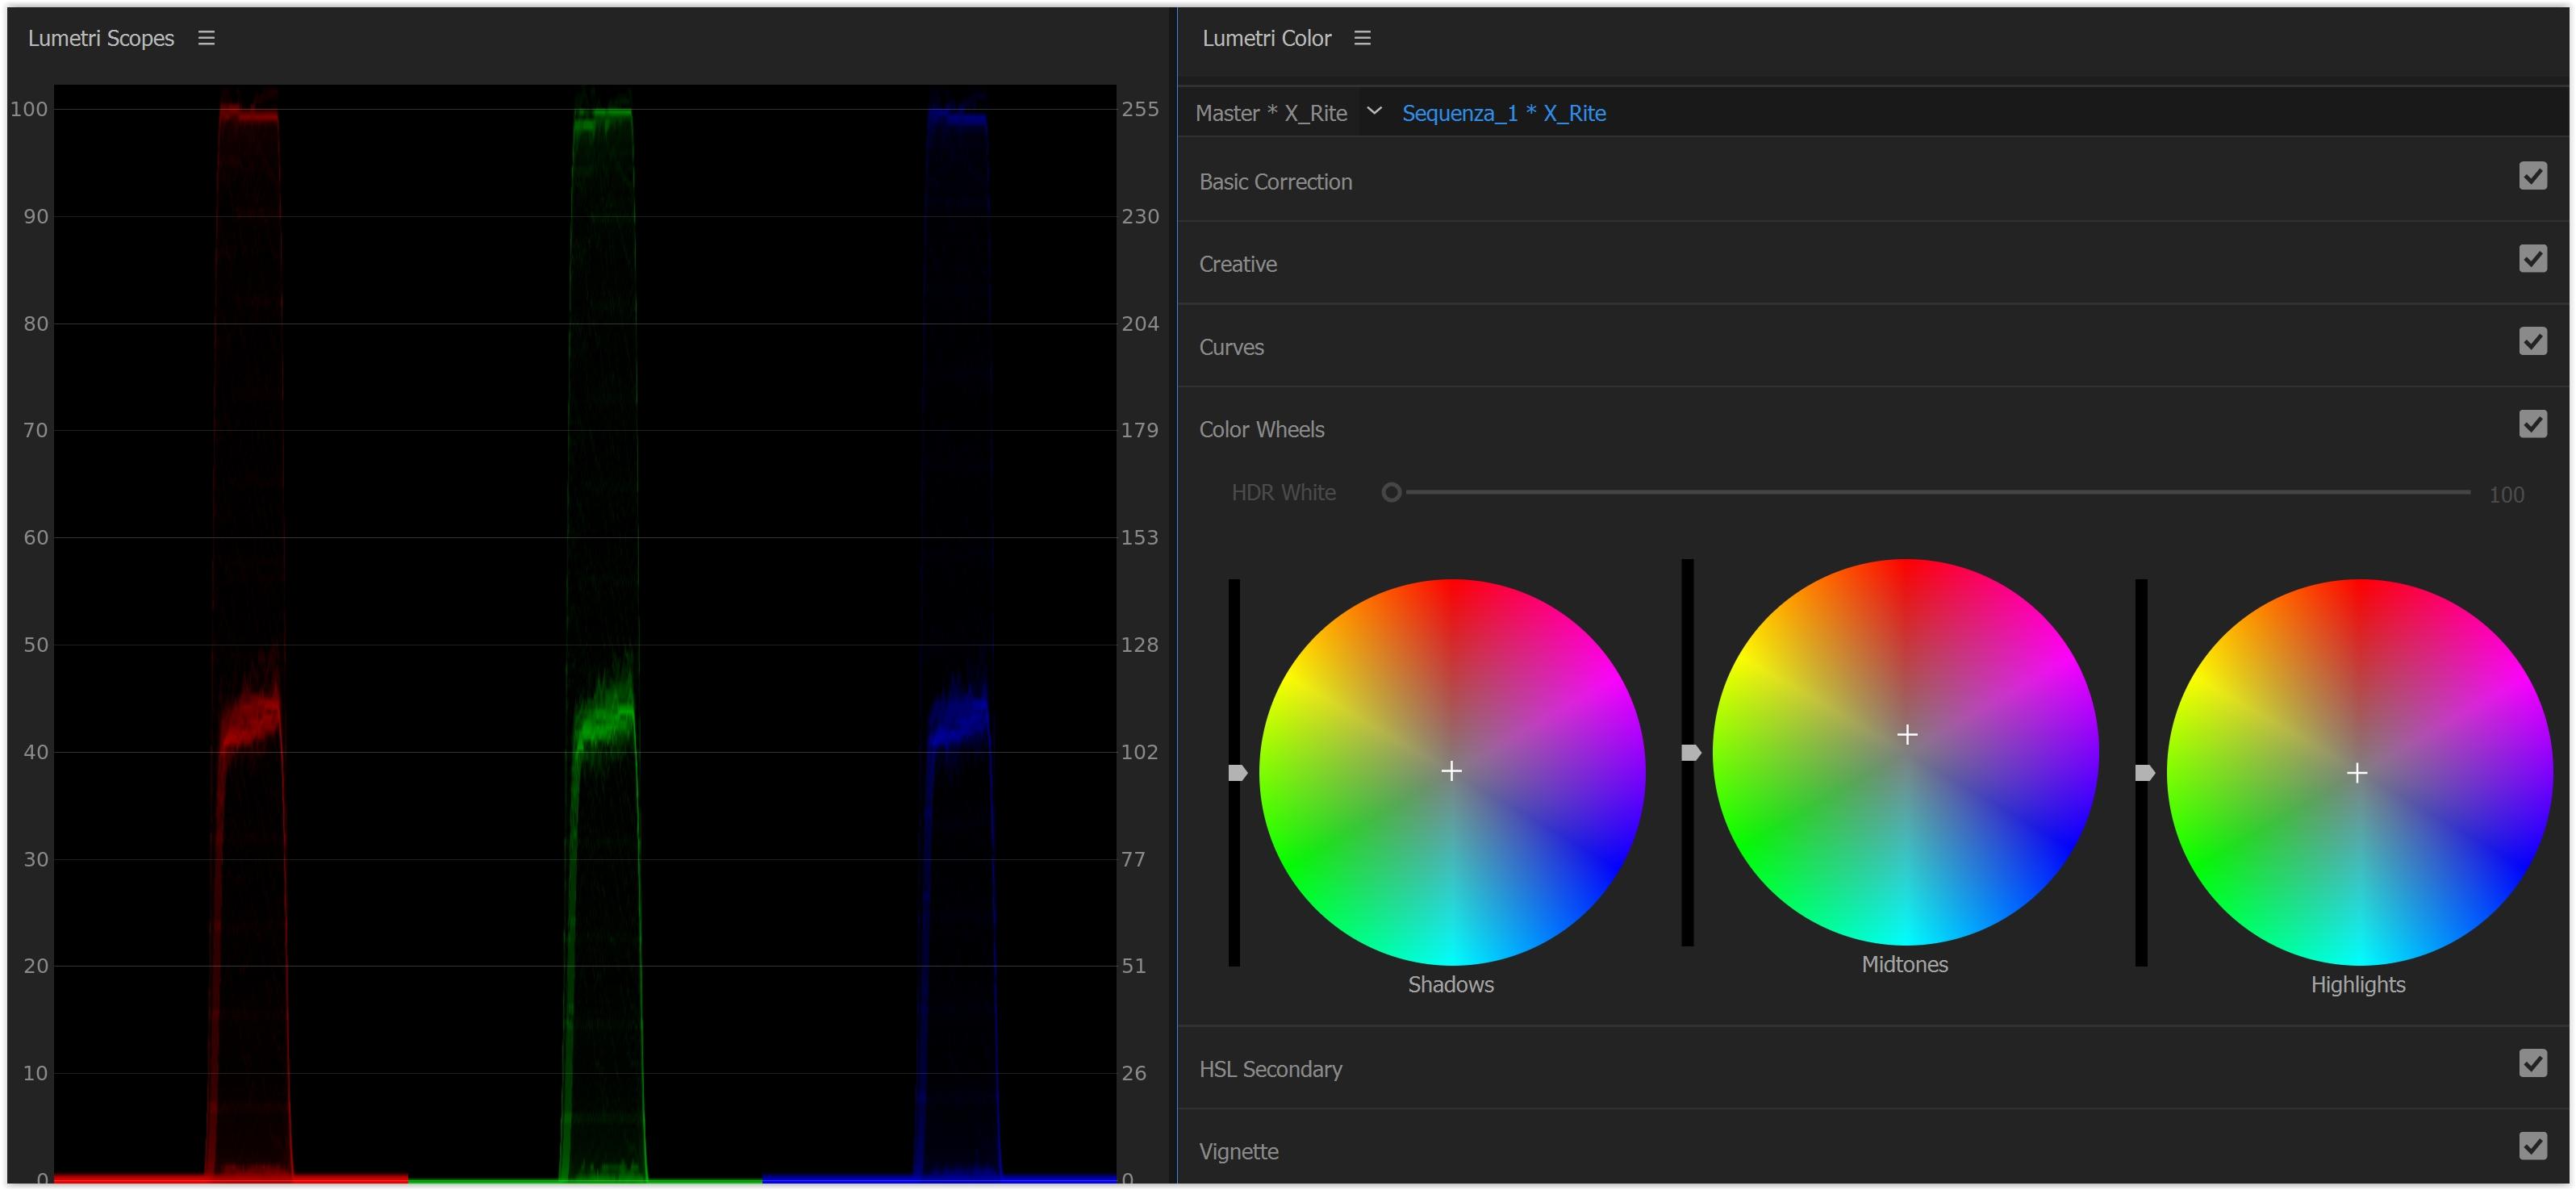 ... e copiamo tutto il Lumetri Color (ctrl cmd+C) d61a47baf037